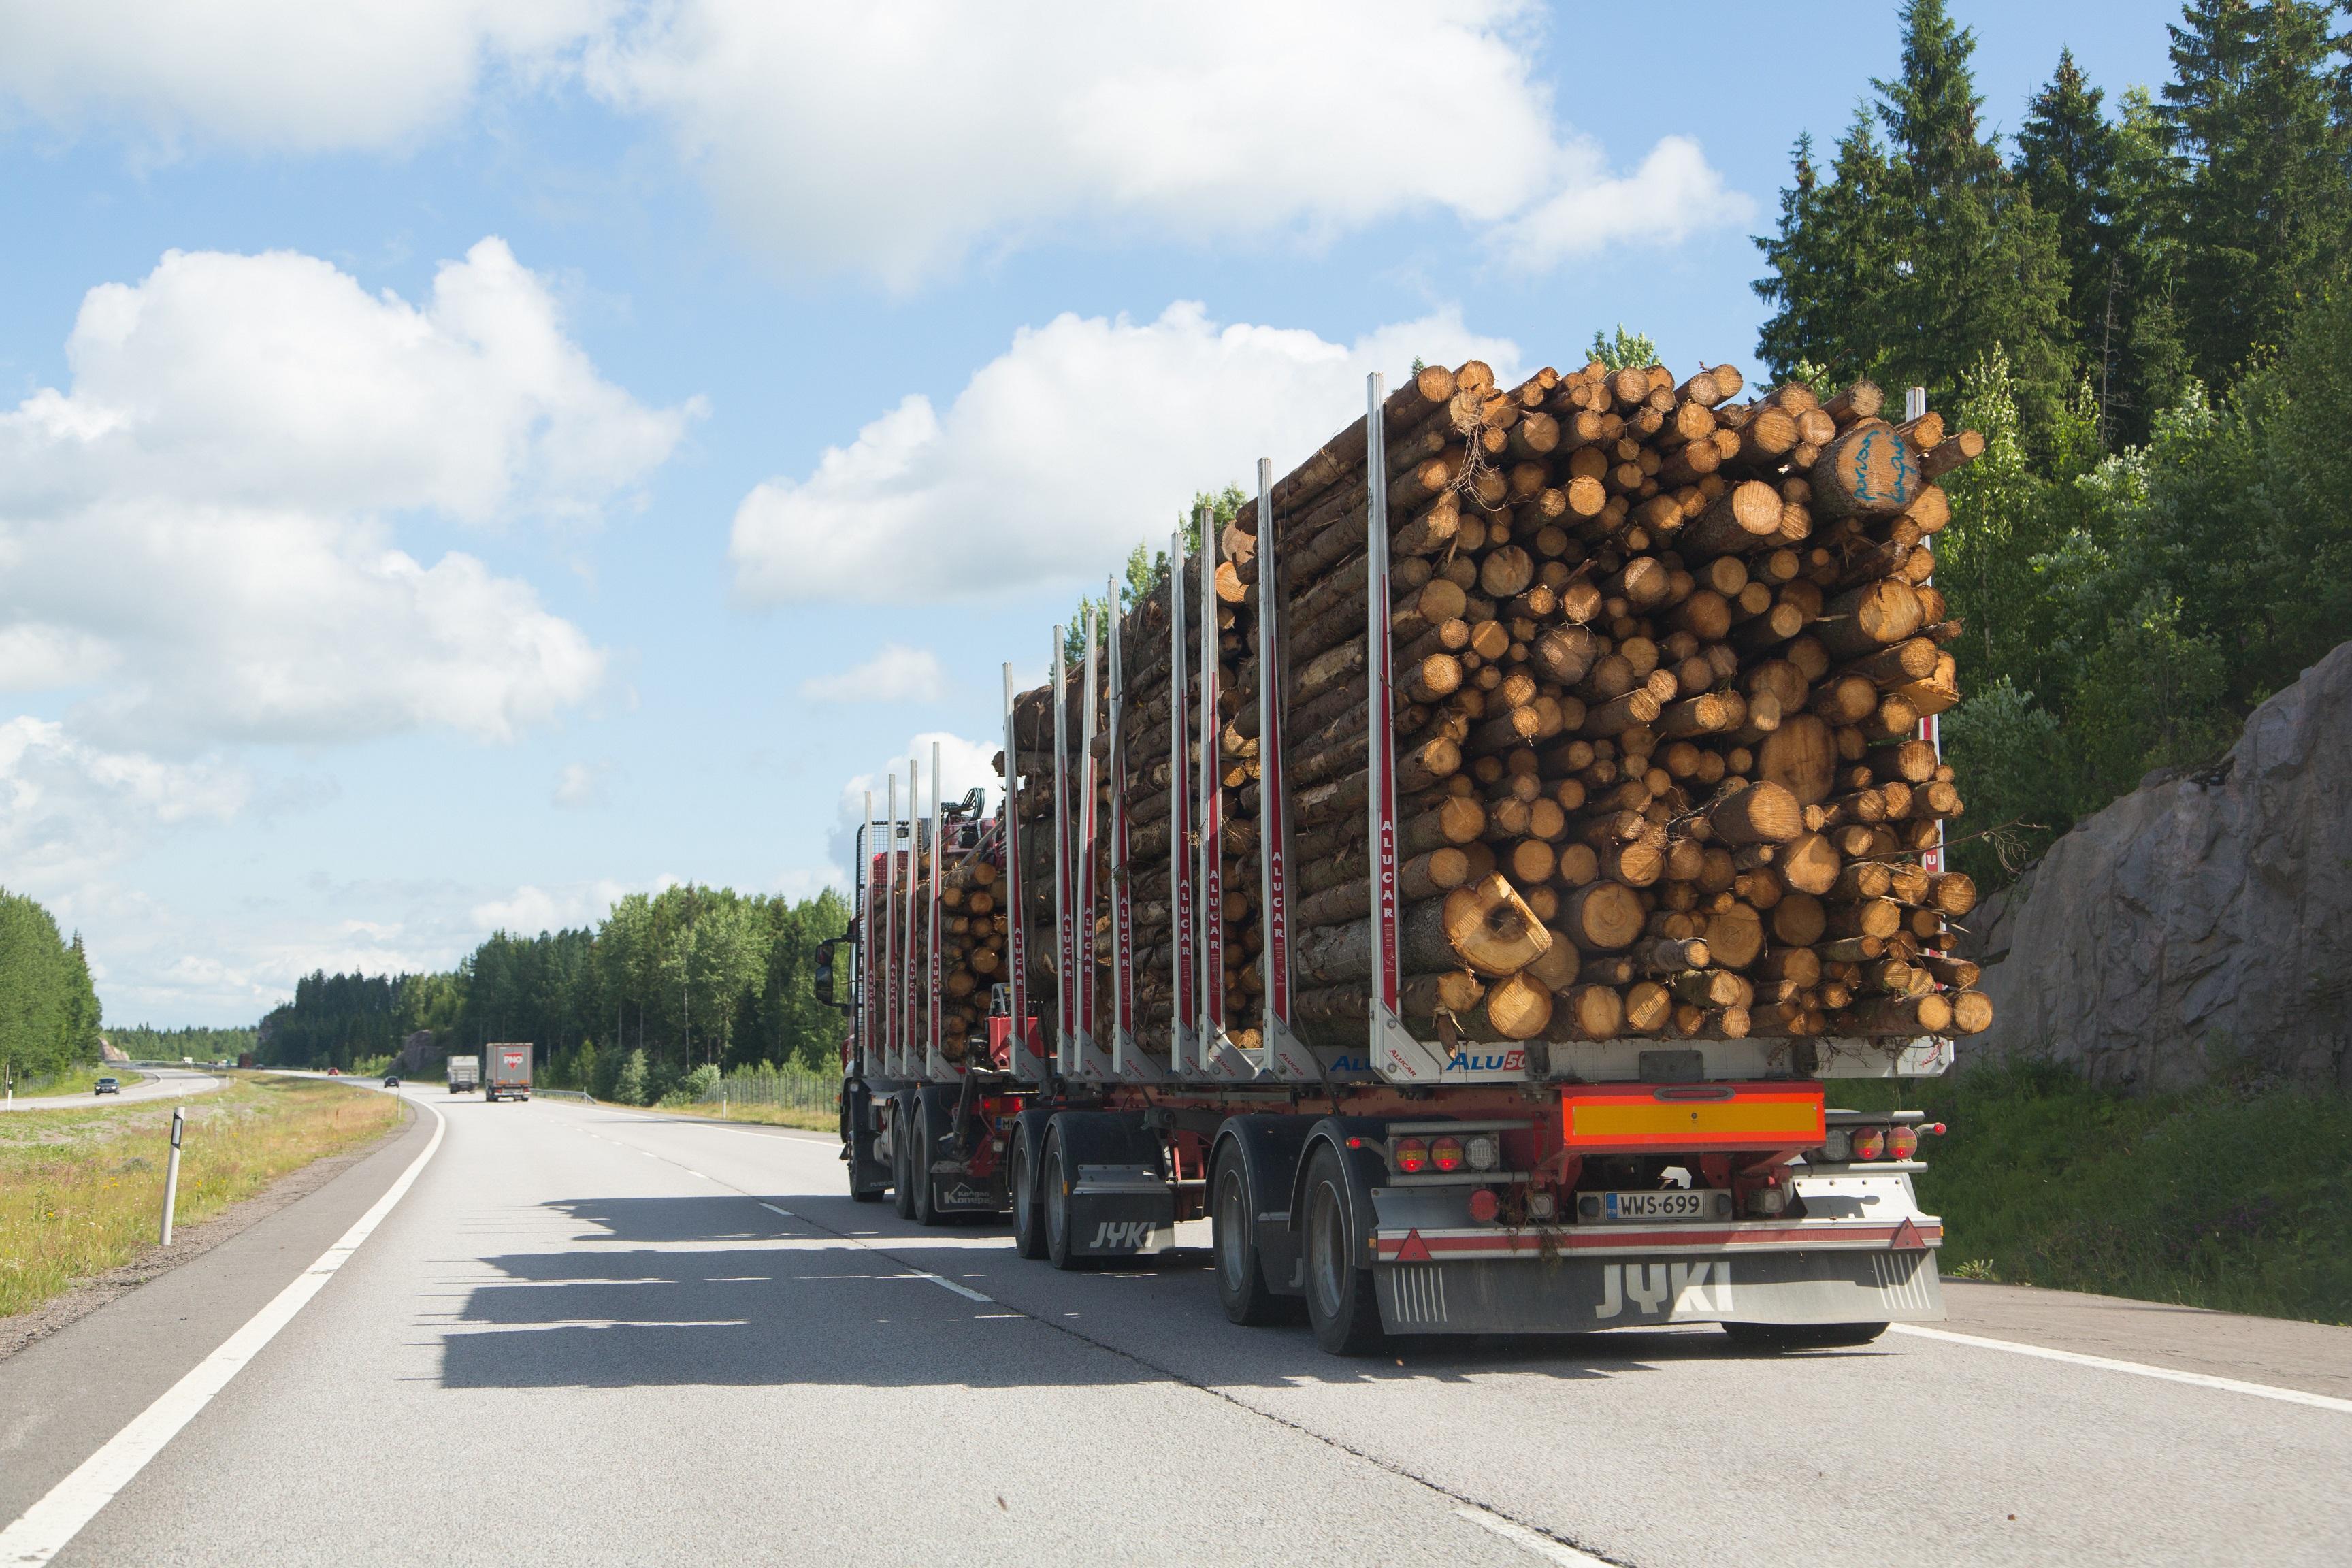 Puun tuonti täydentää kotimaista puunhankintaa